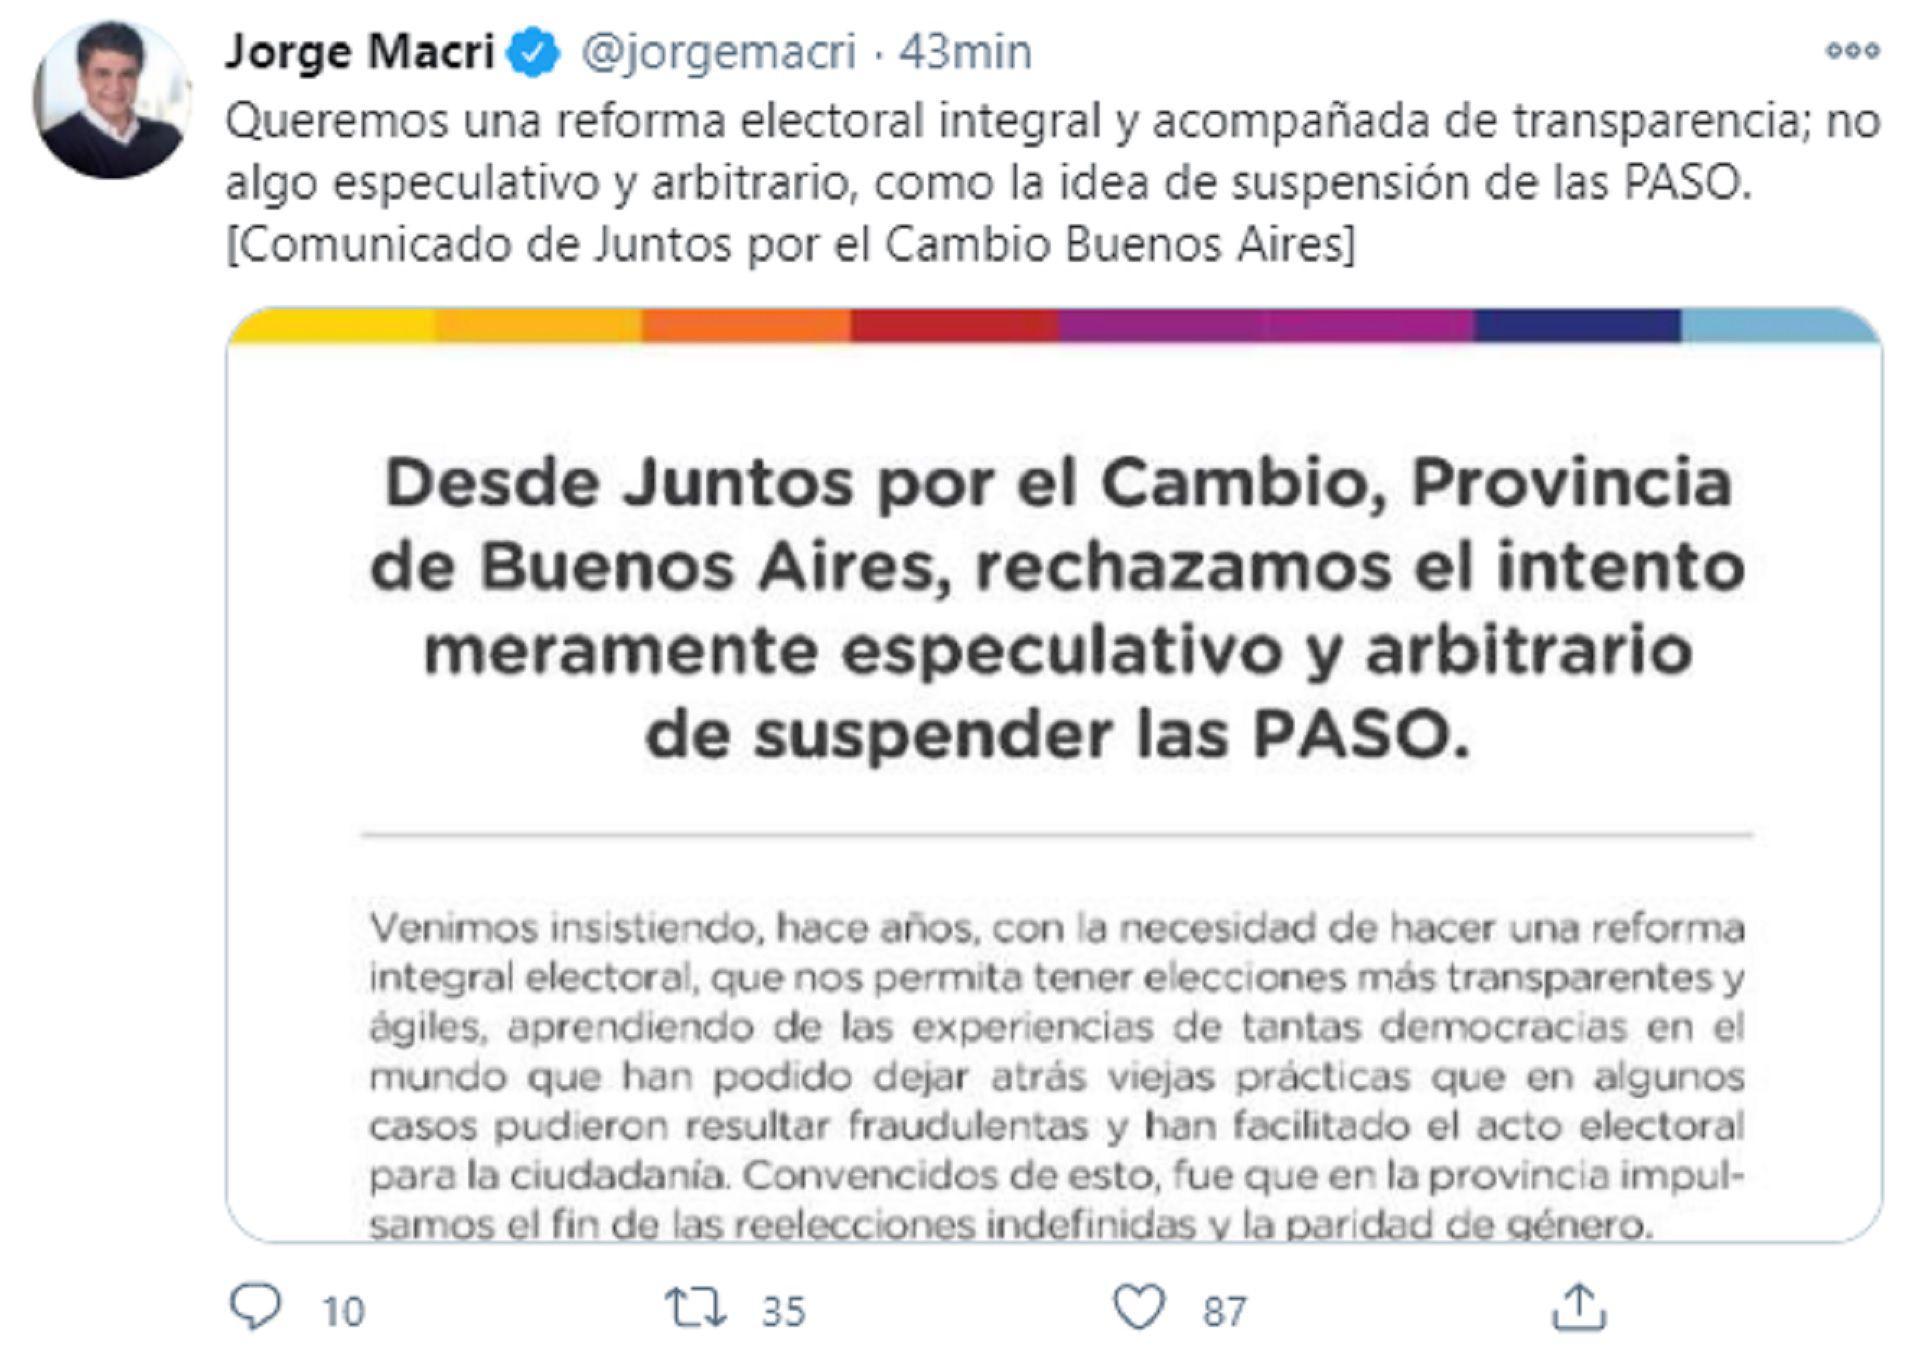 Jorge Macri - Suspensión de las PASO